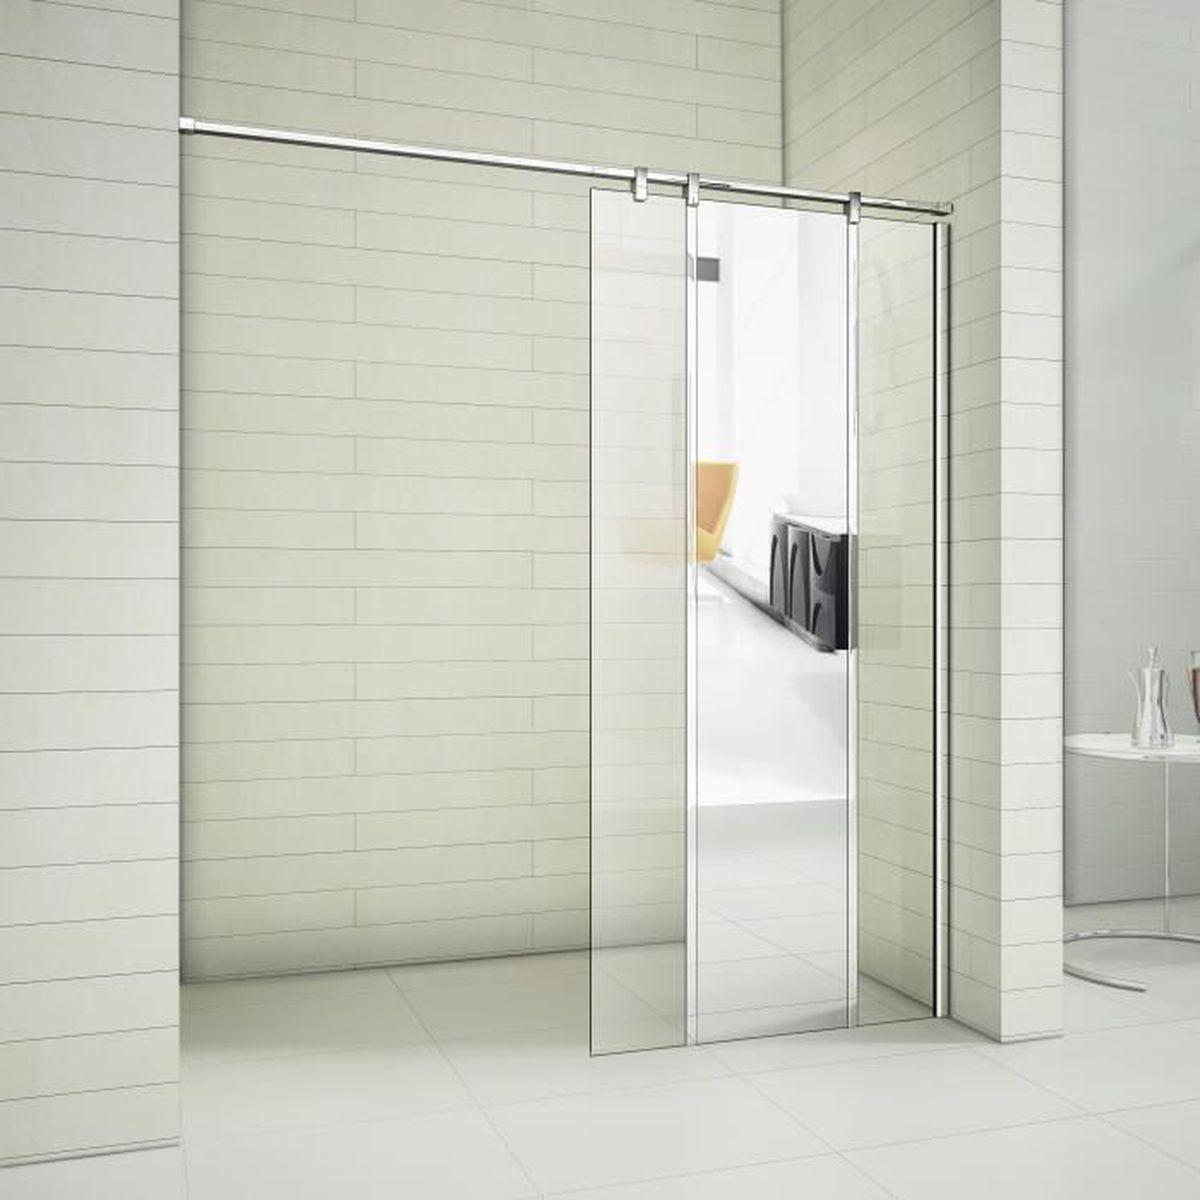 Paroi de douche pare-douche verre de securite transparent 10mm barre de stabilisation rectanguliere douche a l italienne Bremen2 110x200